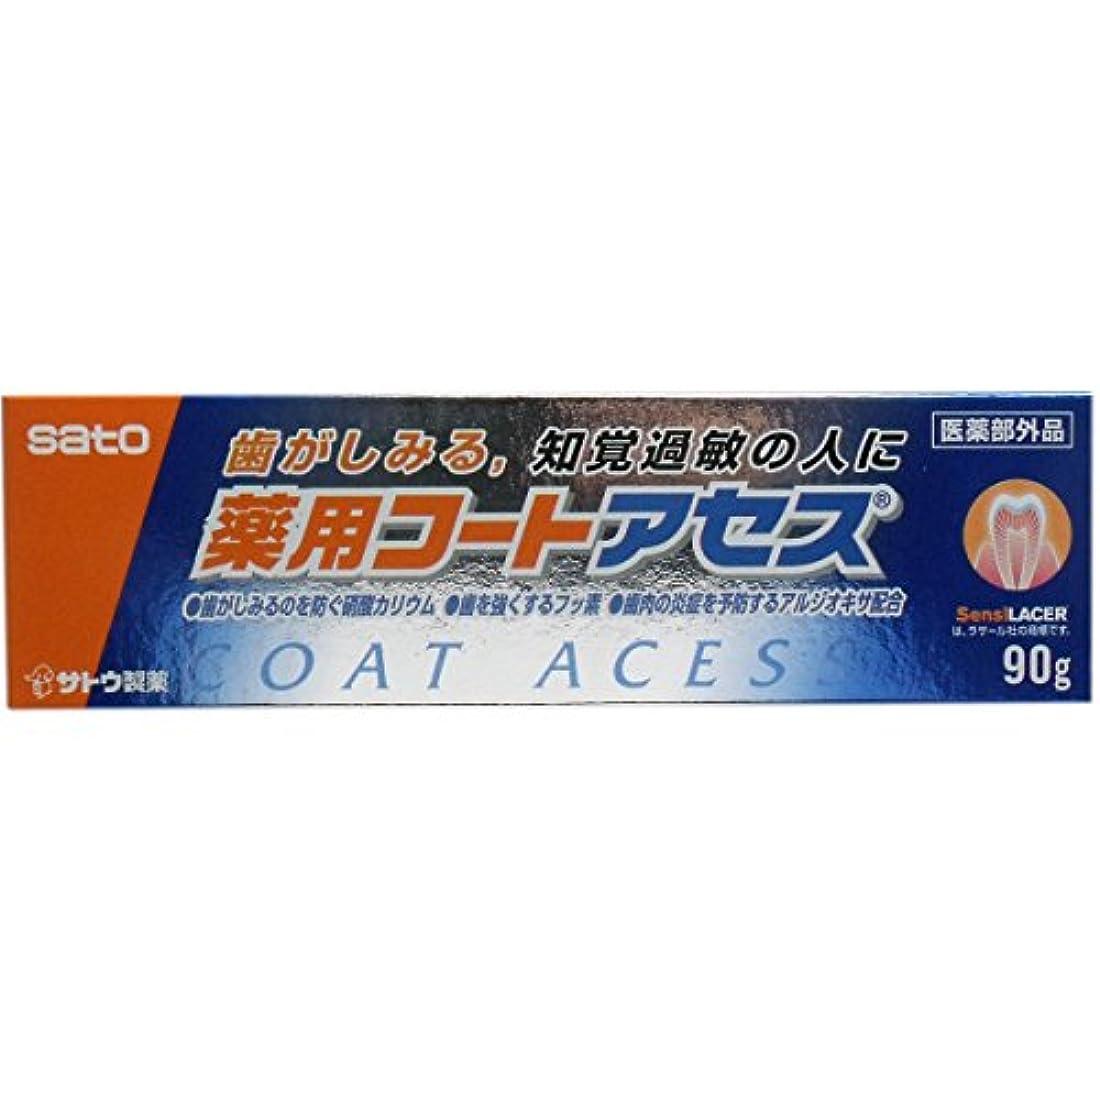 助言特異な北へサトウ製薬 薬用コートアセス 薬用歯みがき 90g ×8個セット